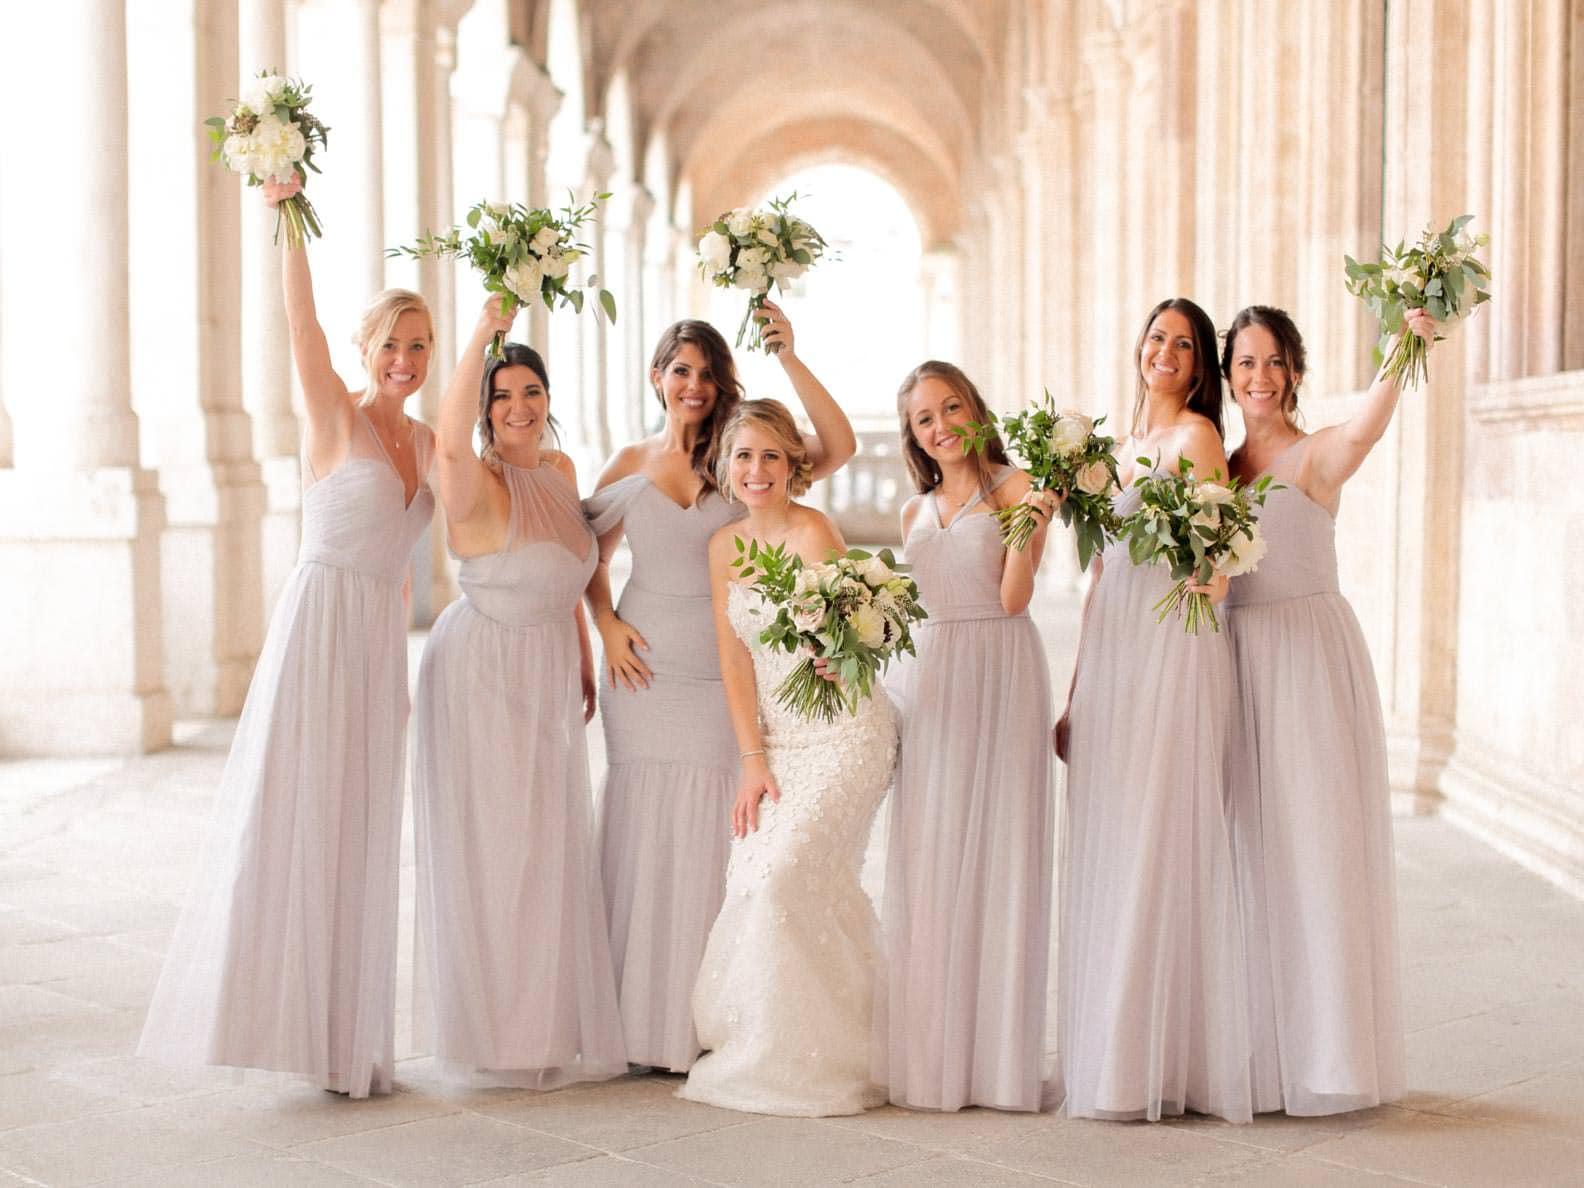 bridesmaid at the palladian basilica in vicenza